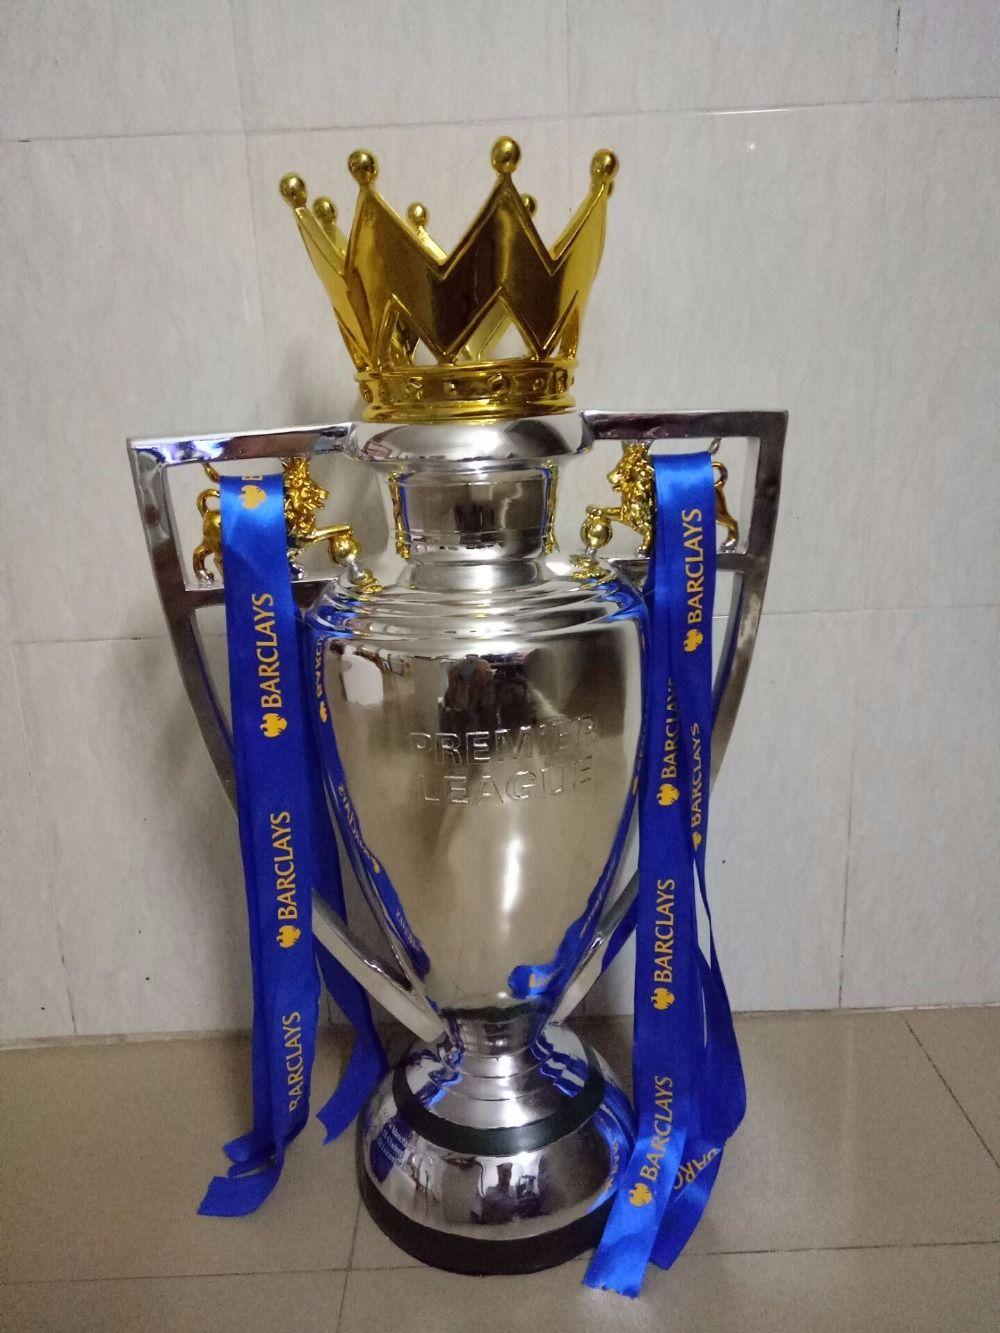 Leicester 1:1 real levensgrote 77 cm engels fa Premiership trofee eredivisie trofee replica Cup Barclay trofeeën en awards